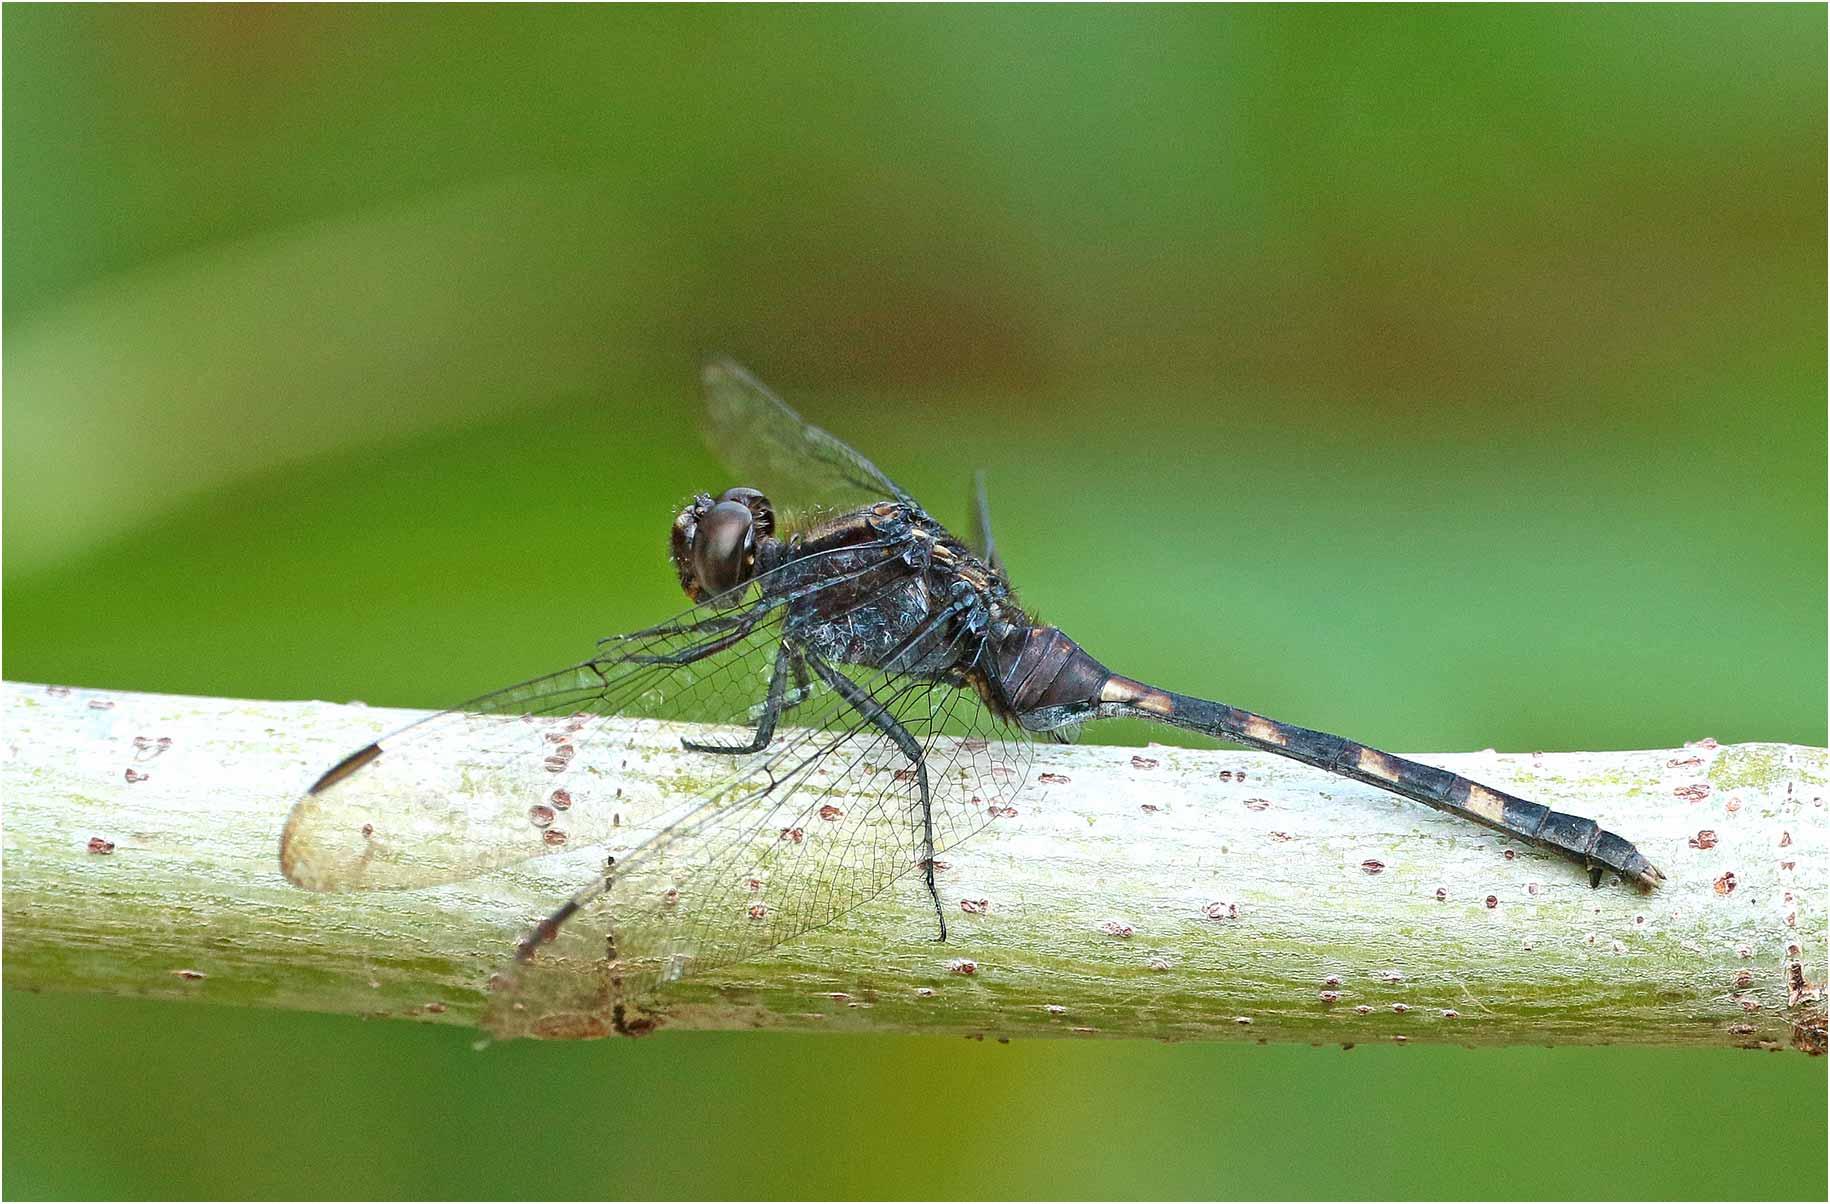 Erythemis plebeja femelle, Mexique, Palenque (Chiapas), 29/10/2019